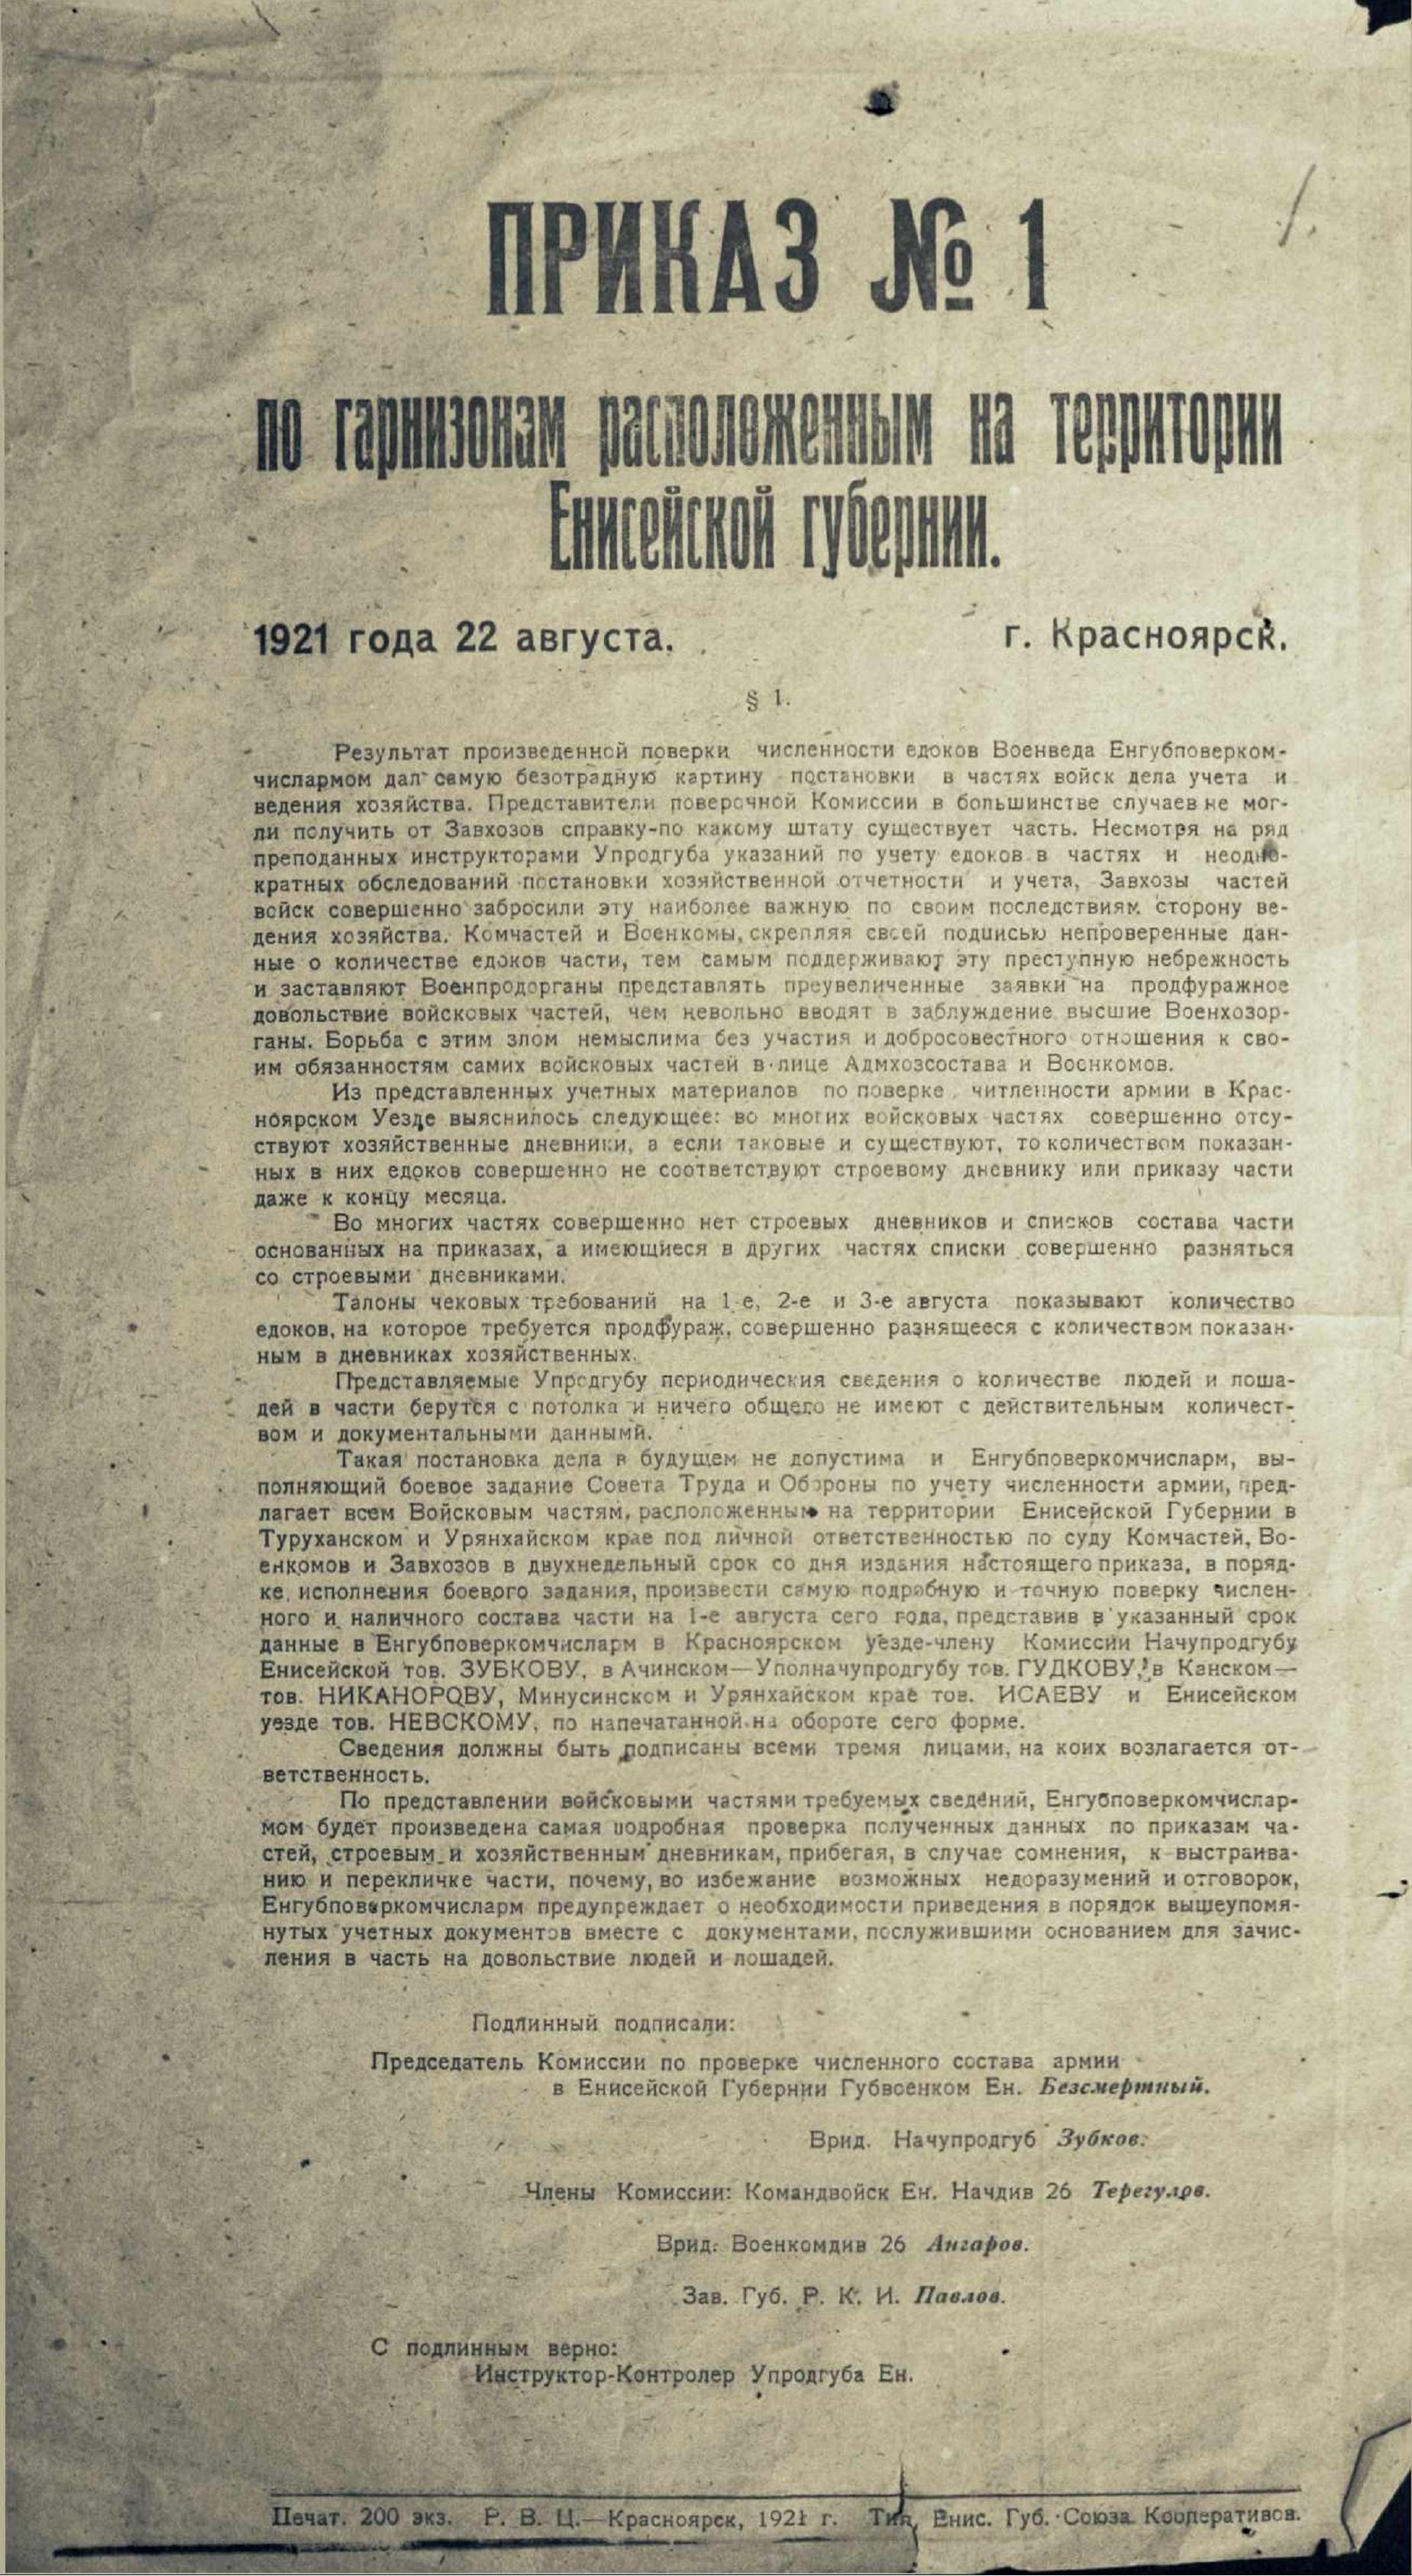 Кириченко иван валерьевич 1979 г р член партии гражданская позиция